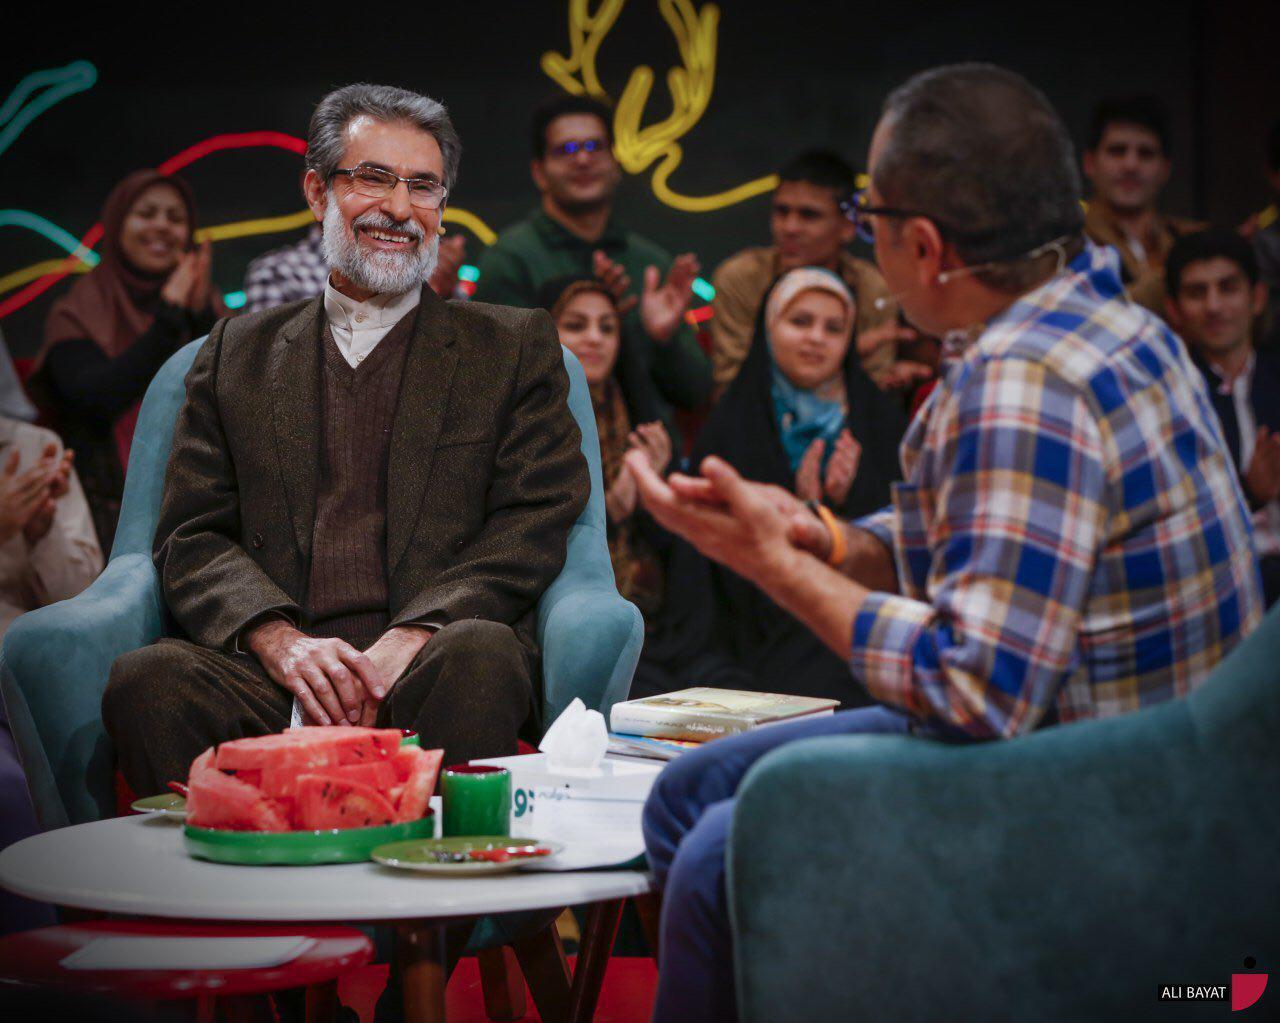 دانلود خندوانه محمدرضا سرشار مشهور به رضا رهگذر | 17 بهمن 95 | کیفیت عالی و کم حجم